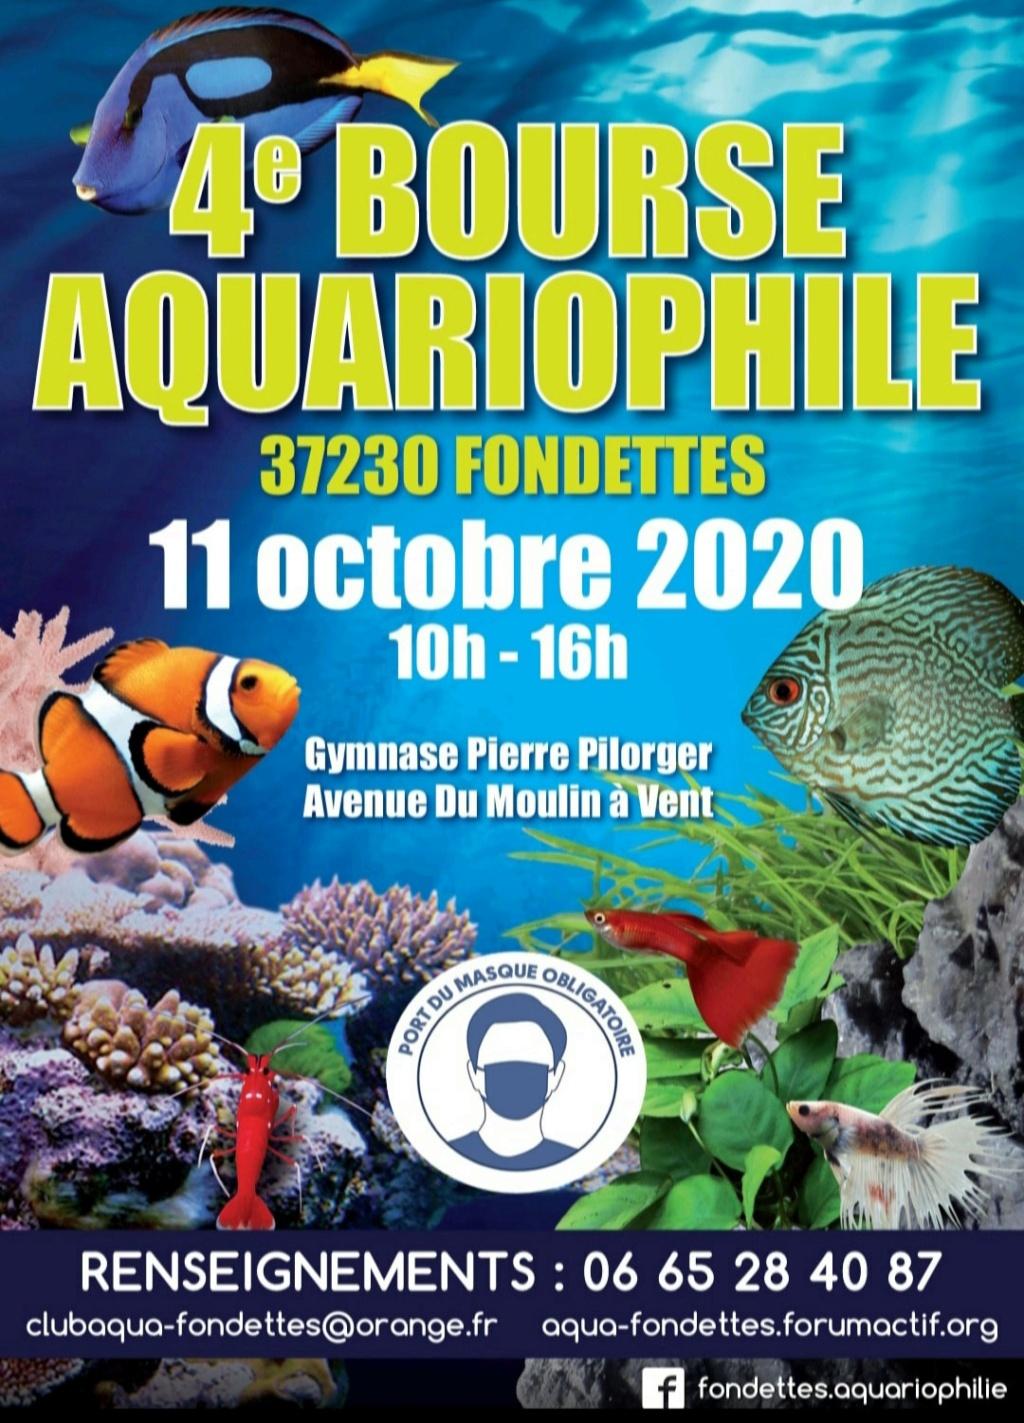 bourse aquariophile  Fondettes 2020 12073710